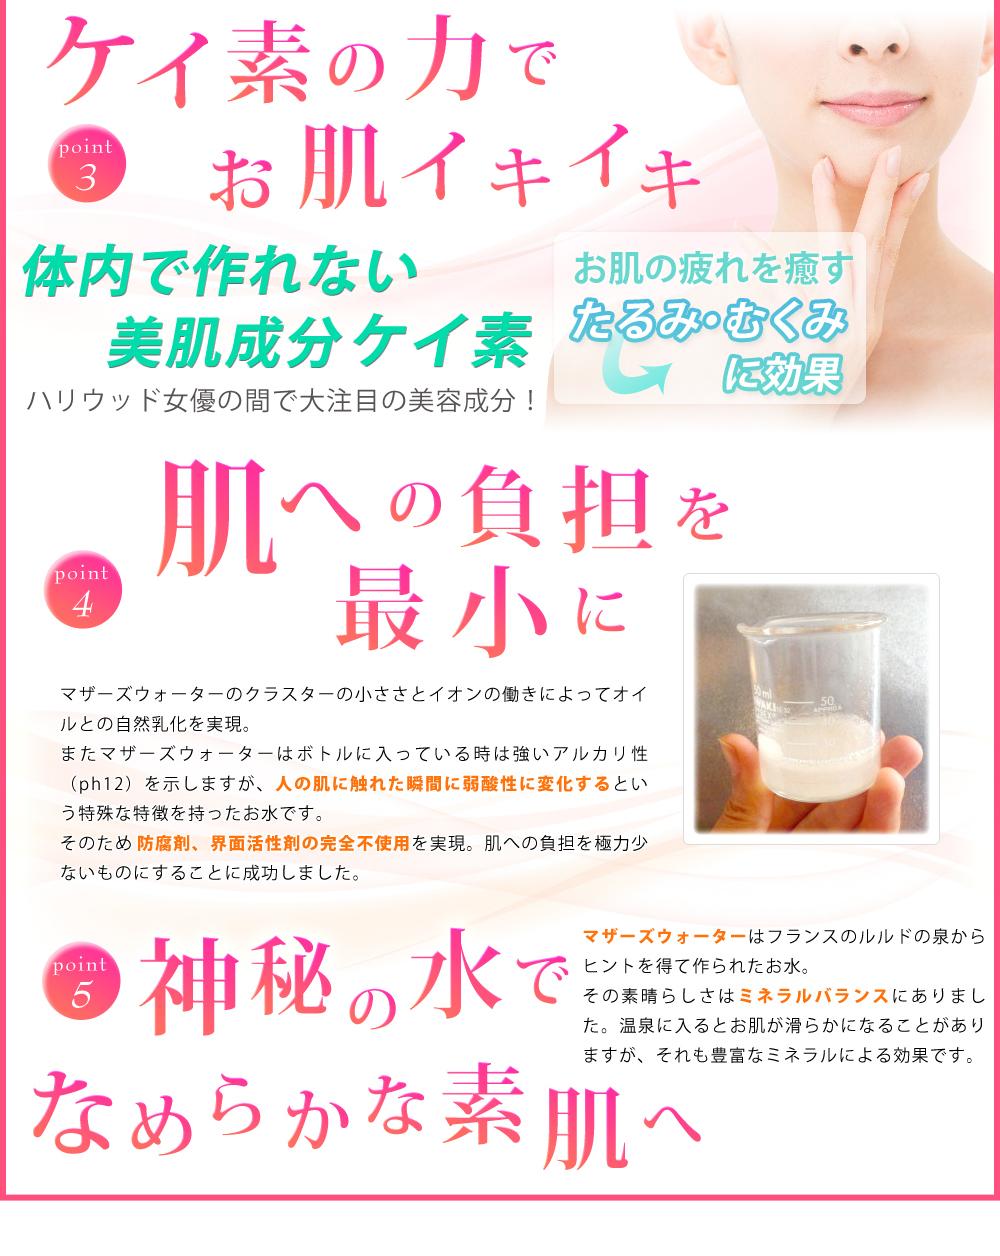 ケイ素、防腐剤・界面活性剤不使用、ミネラルバランス